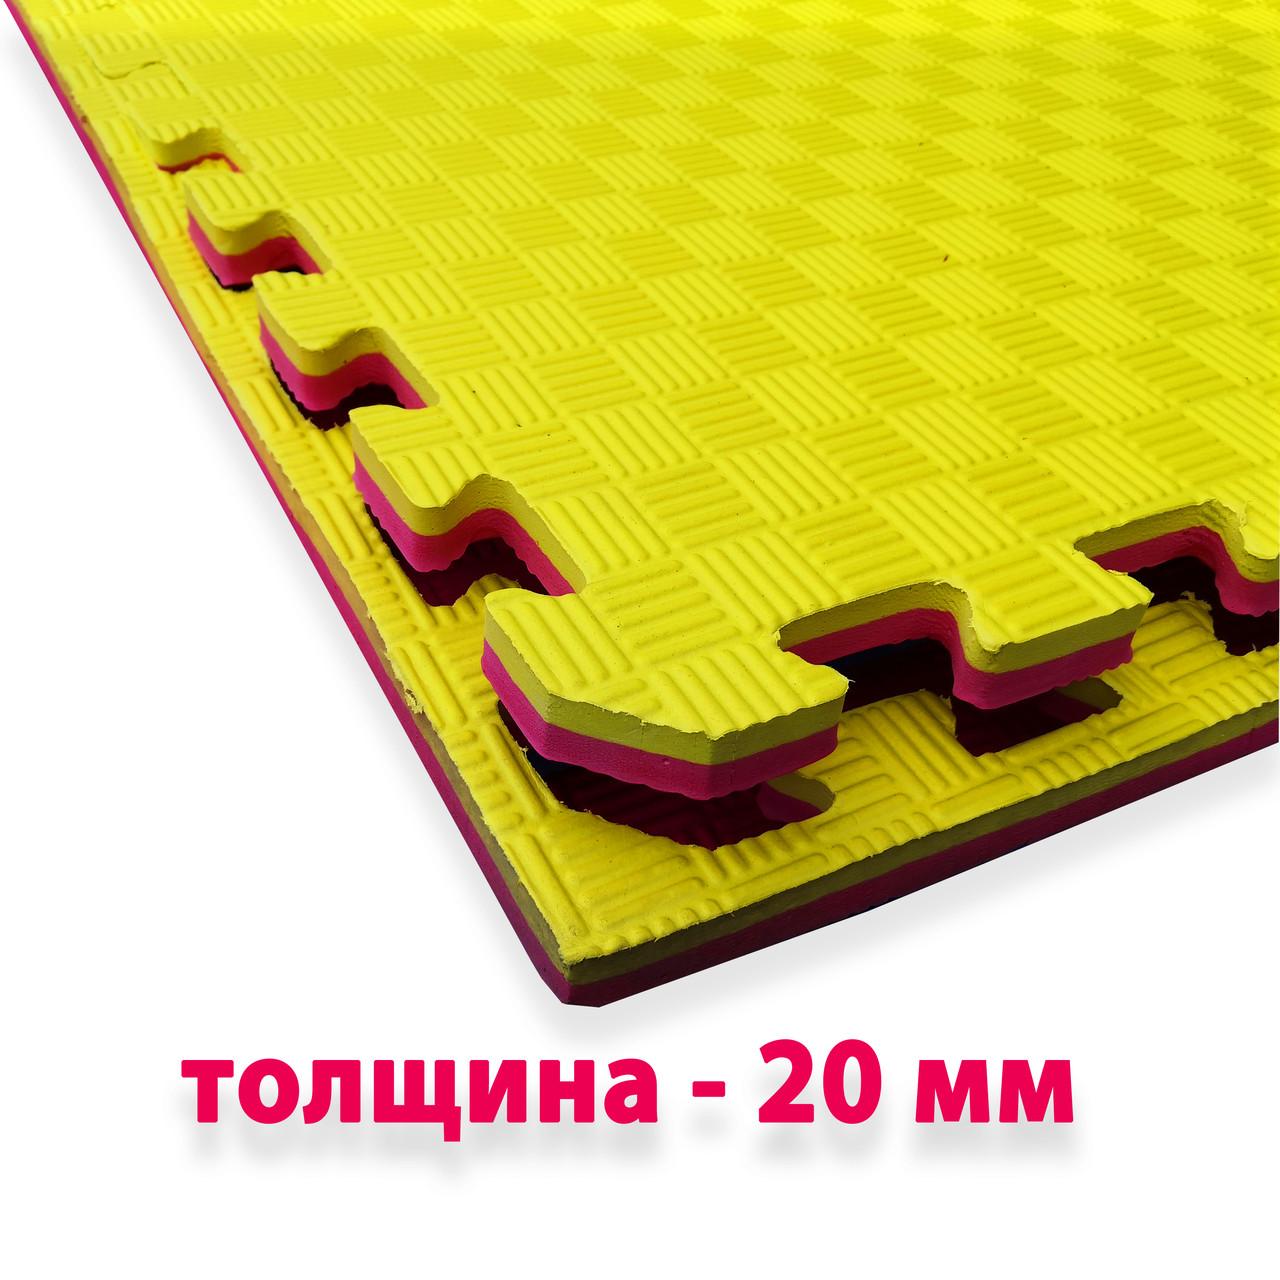 Спортивный мат (ТАТАМИ) 20 мм EVA (Турция), желто-красный